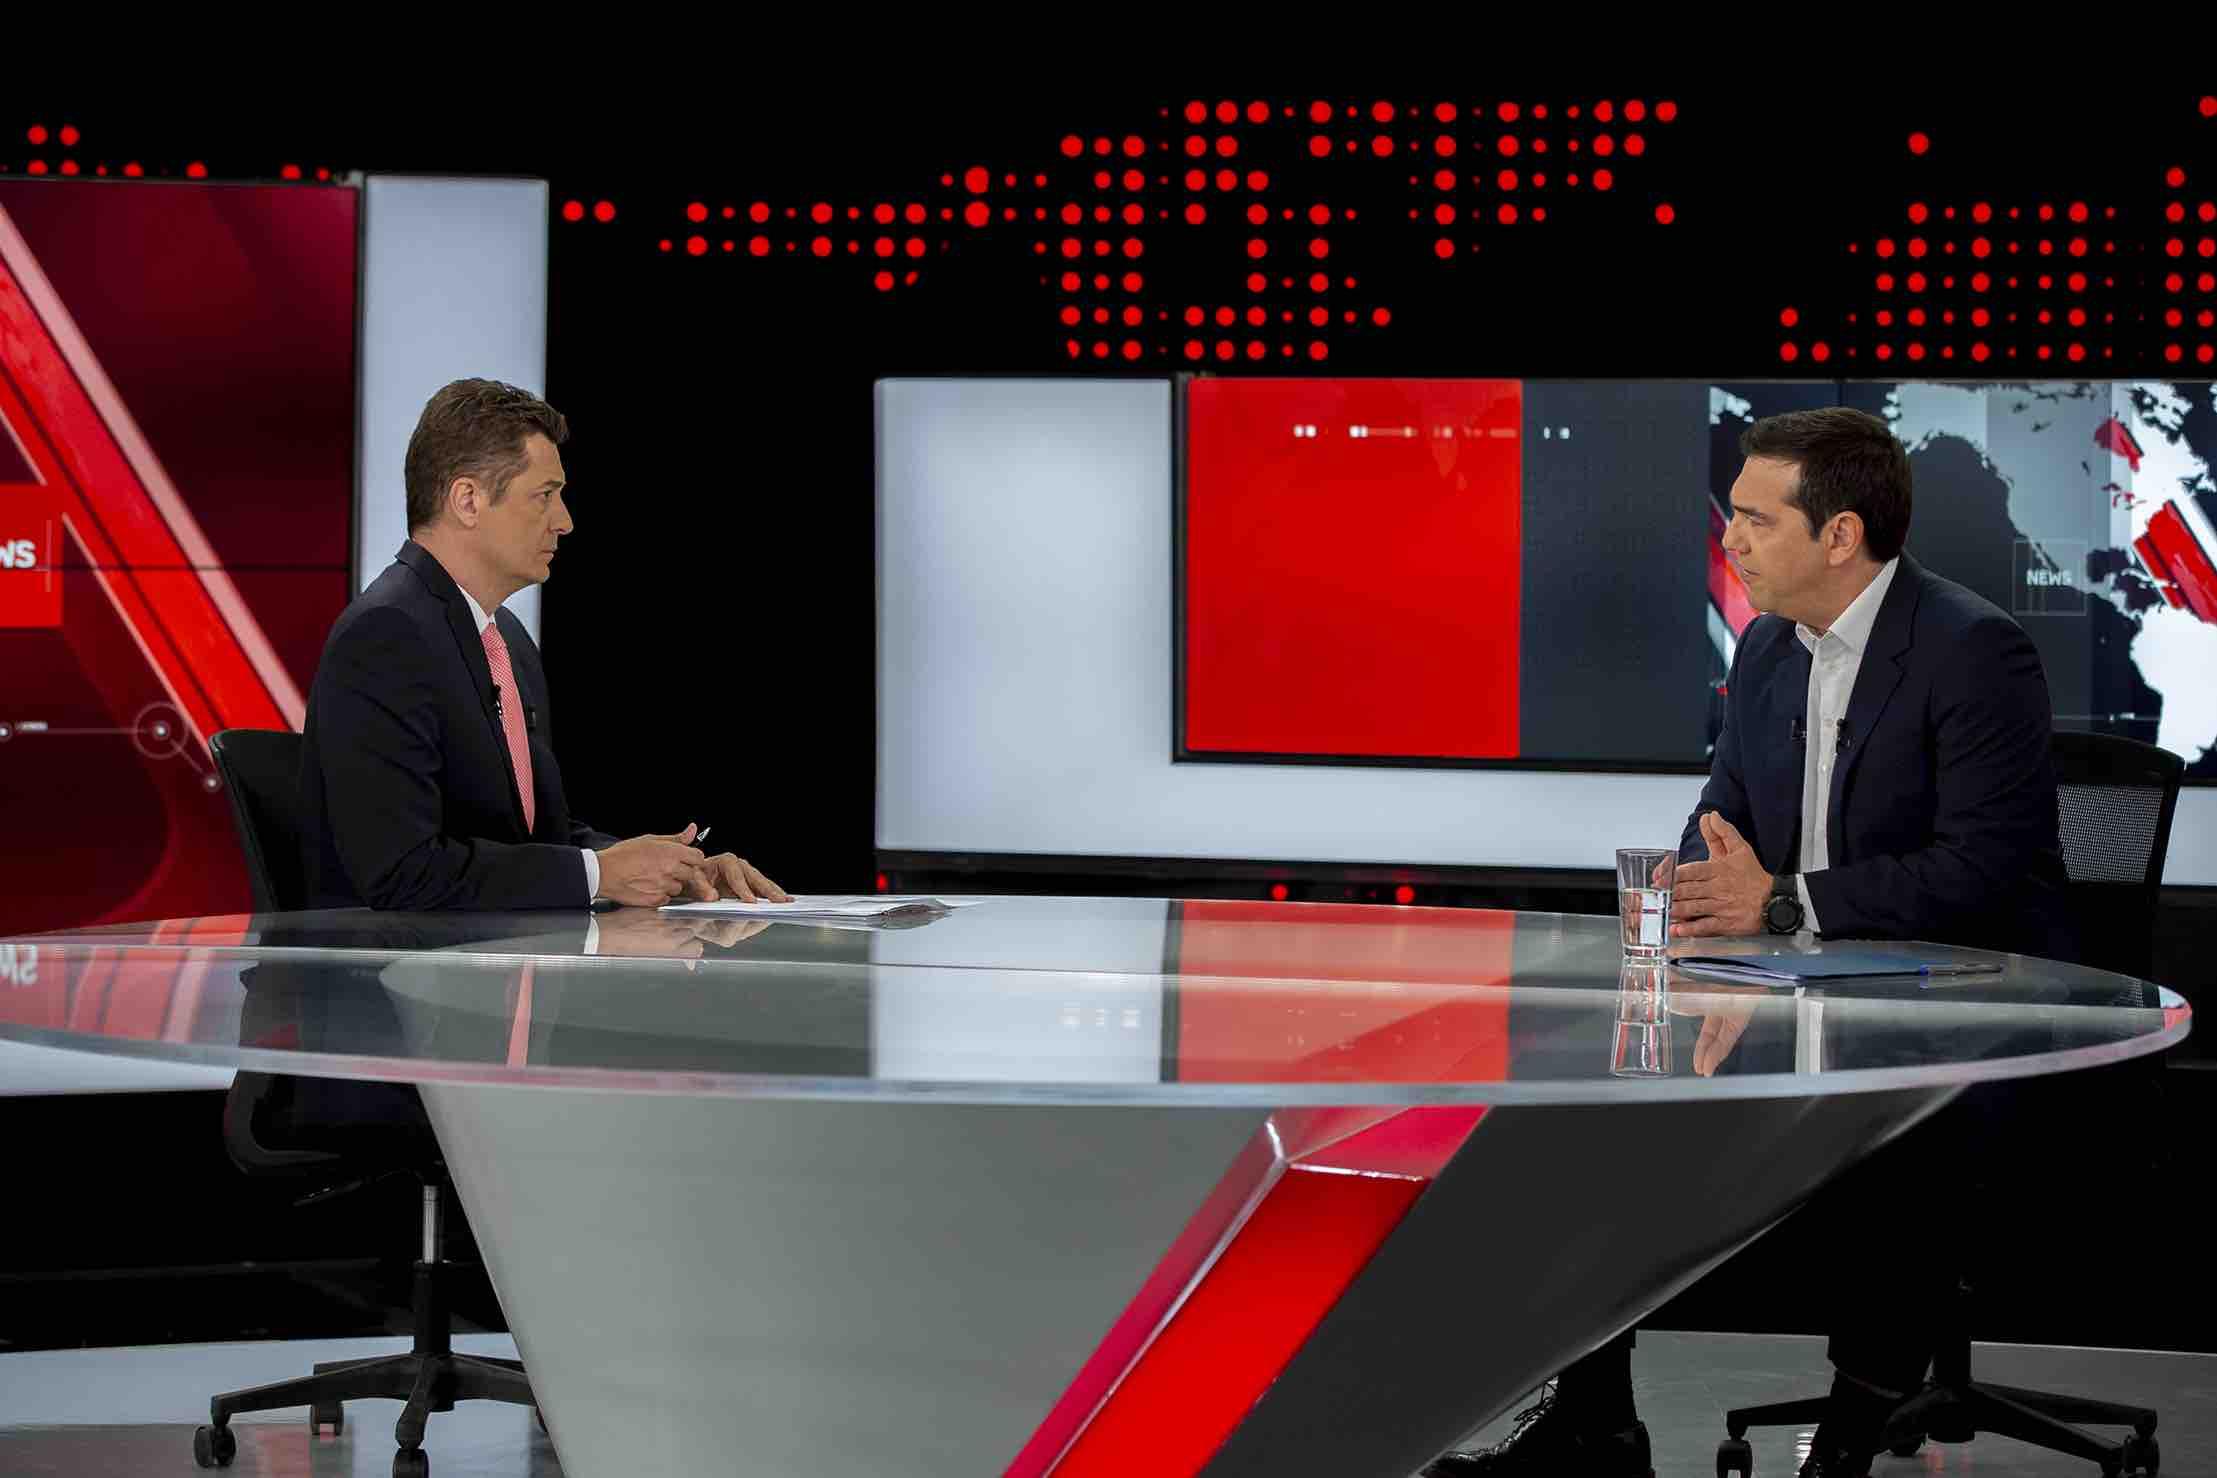 Ο Πρόεδρος του ΣΥΡΙΖΑ Αλέξης Τσίπρας απόψε στο Κεντρικό Δελτίο Ειδήσεων του Alpha